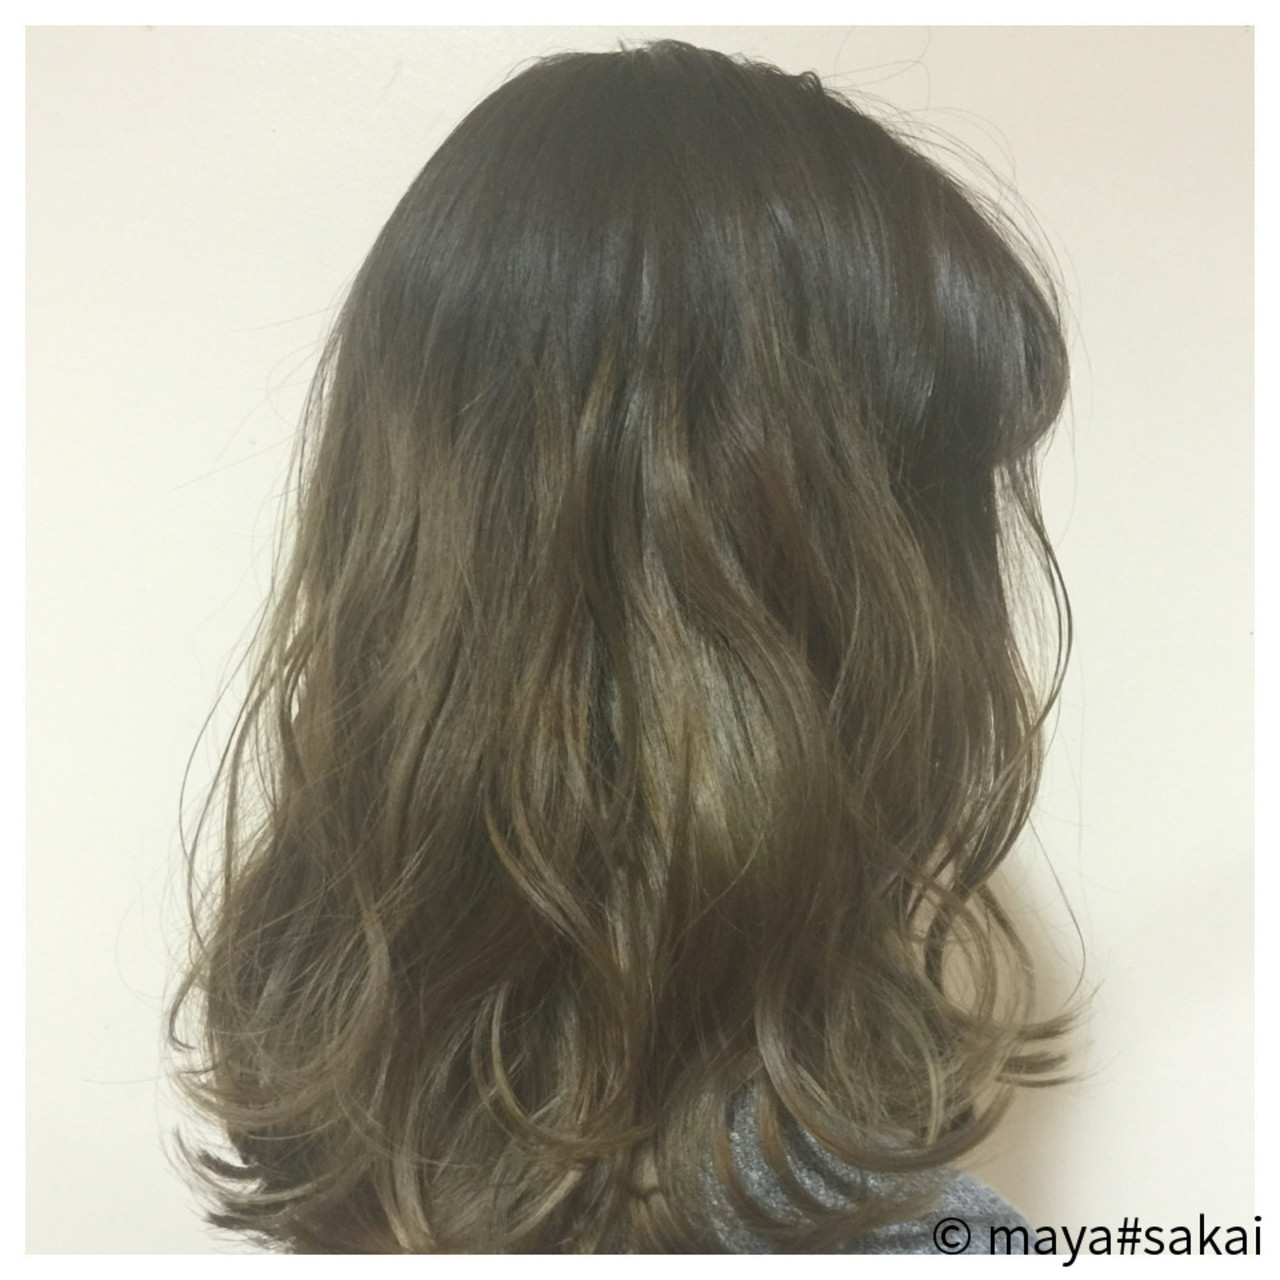 アースカラーを髪色にも。ヘアスタイルもナチュラル可愛く♡ maya#sakai